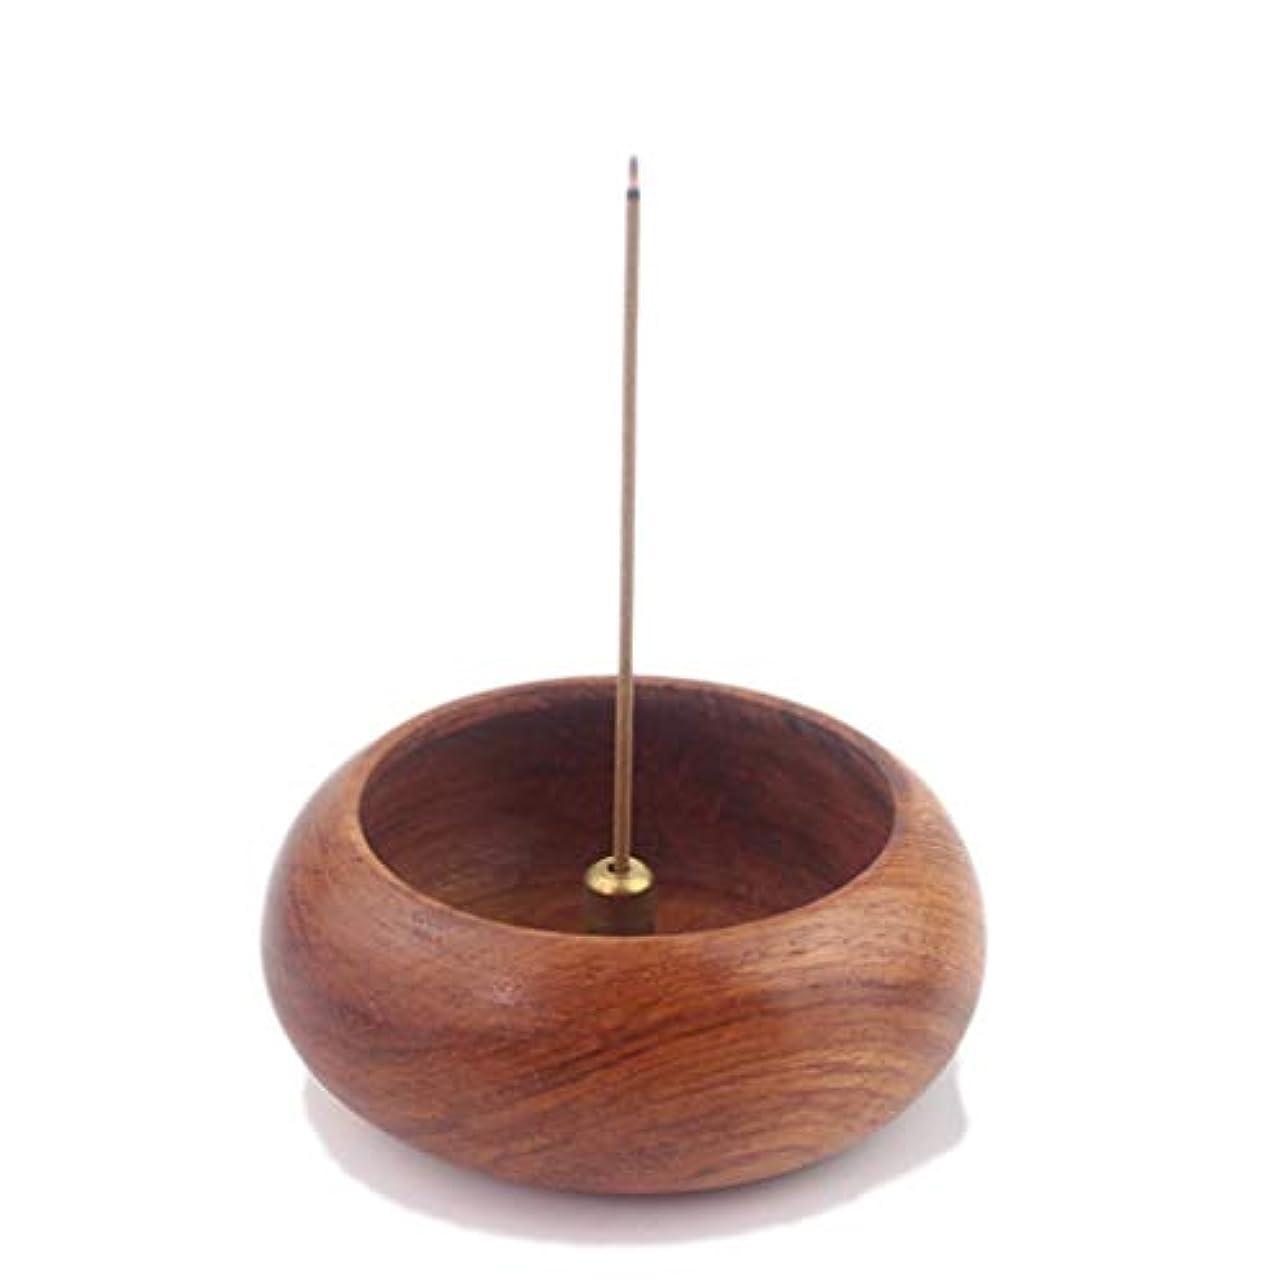 コーラス平衡冒険者ローズウッドボウル型香炉ホルダーキャンドルアロマセラピー炉香ホルダーホームリビングルーム香バーナー装飾 (Color : Wood, サイズ : 6.2*2.4cm)